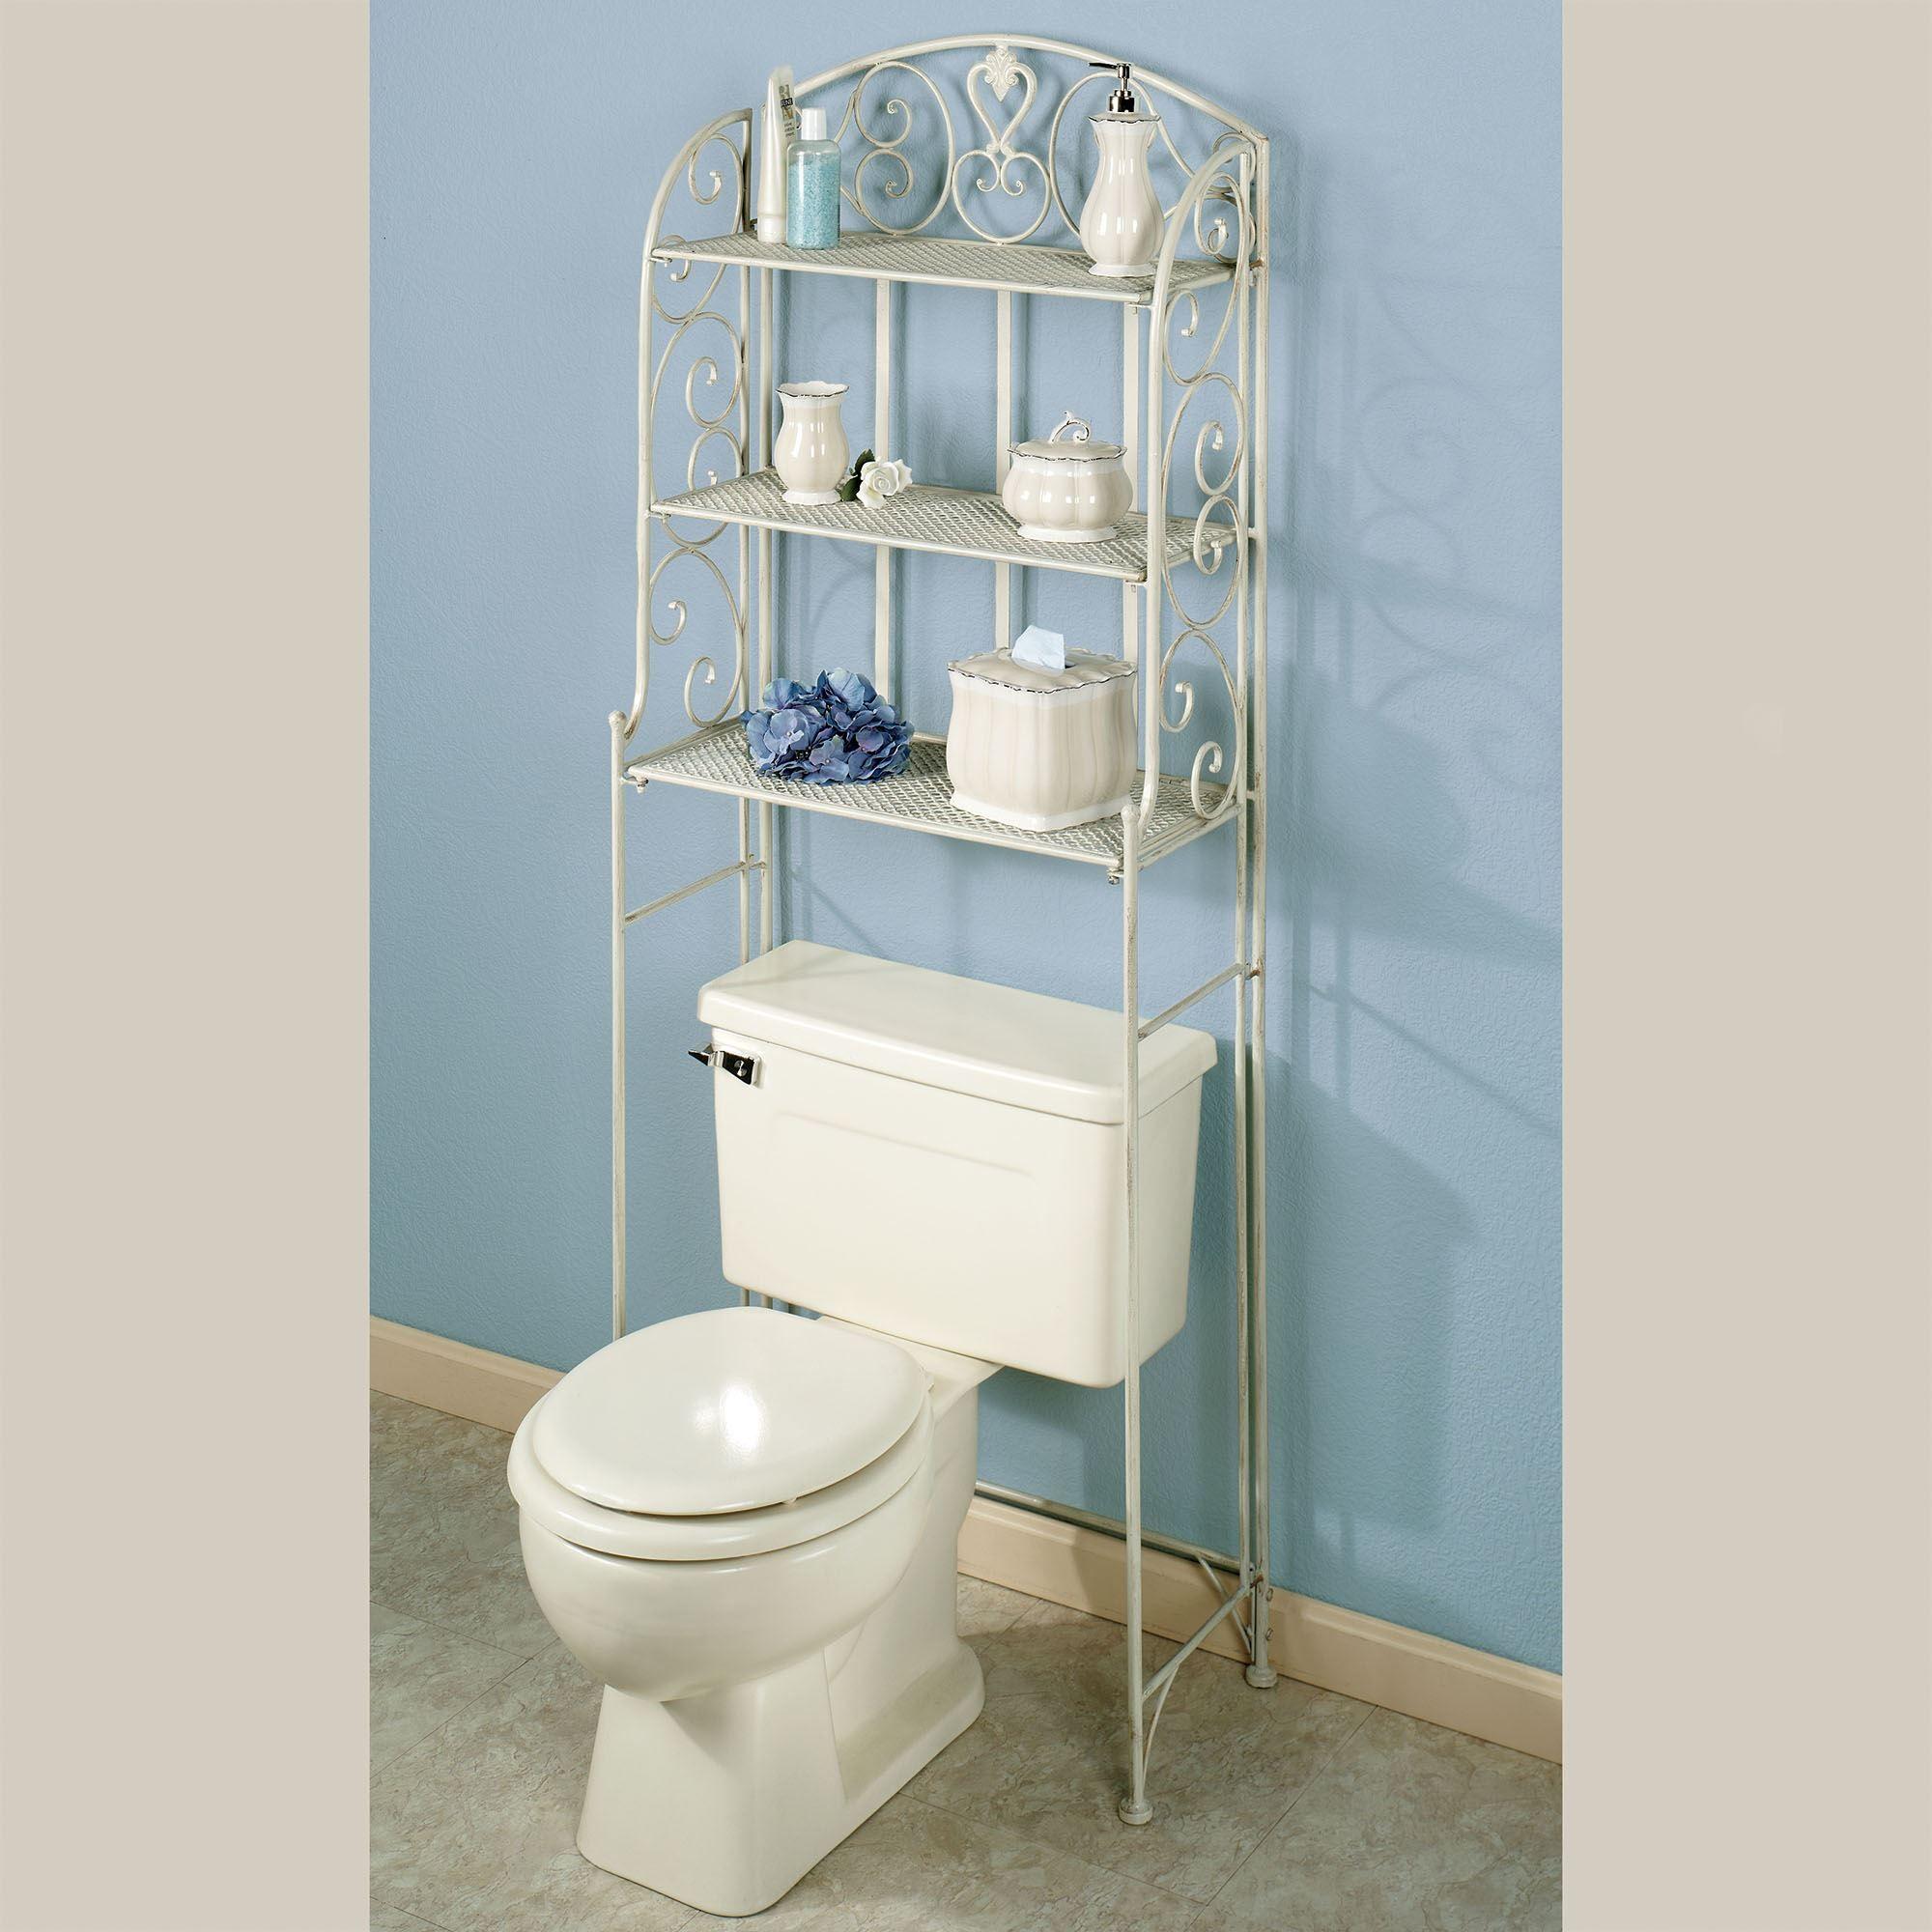 Aldabella Creamy Gold Bathroom Space Saver, Bathroom Space Saver Over Toilet